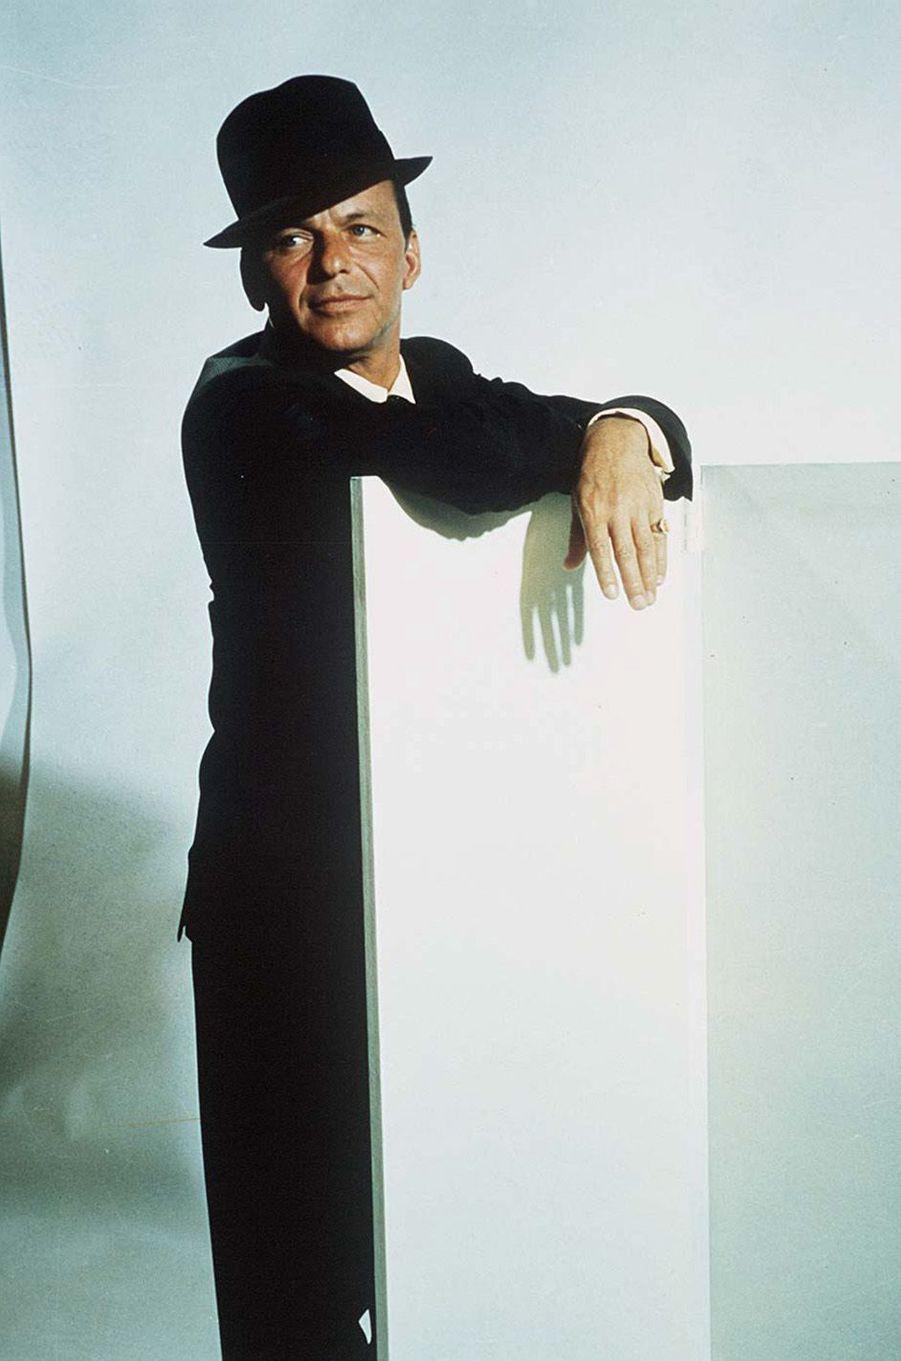 Il était une fois... Frank Sinatra